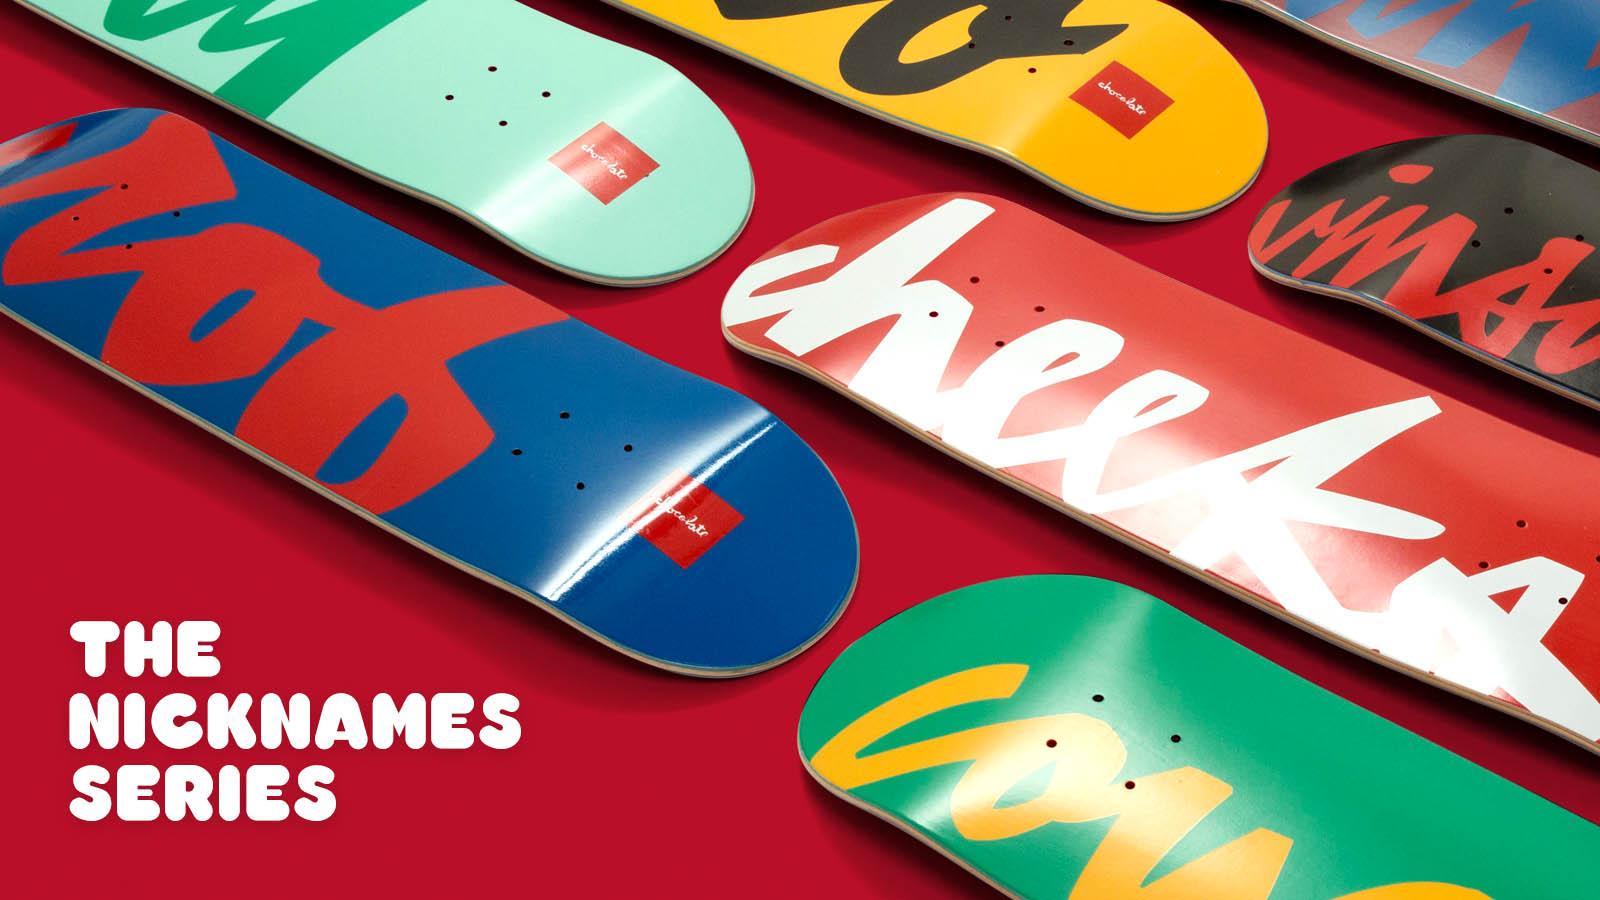 Chocolate Skateboards Nicknames Serie.jpg